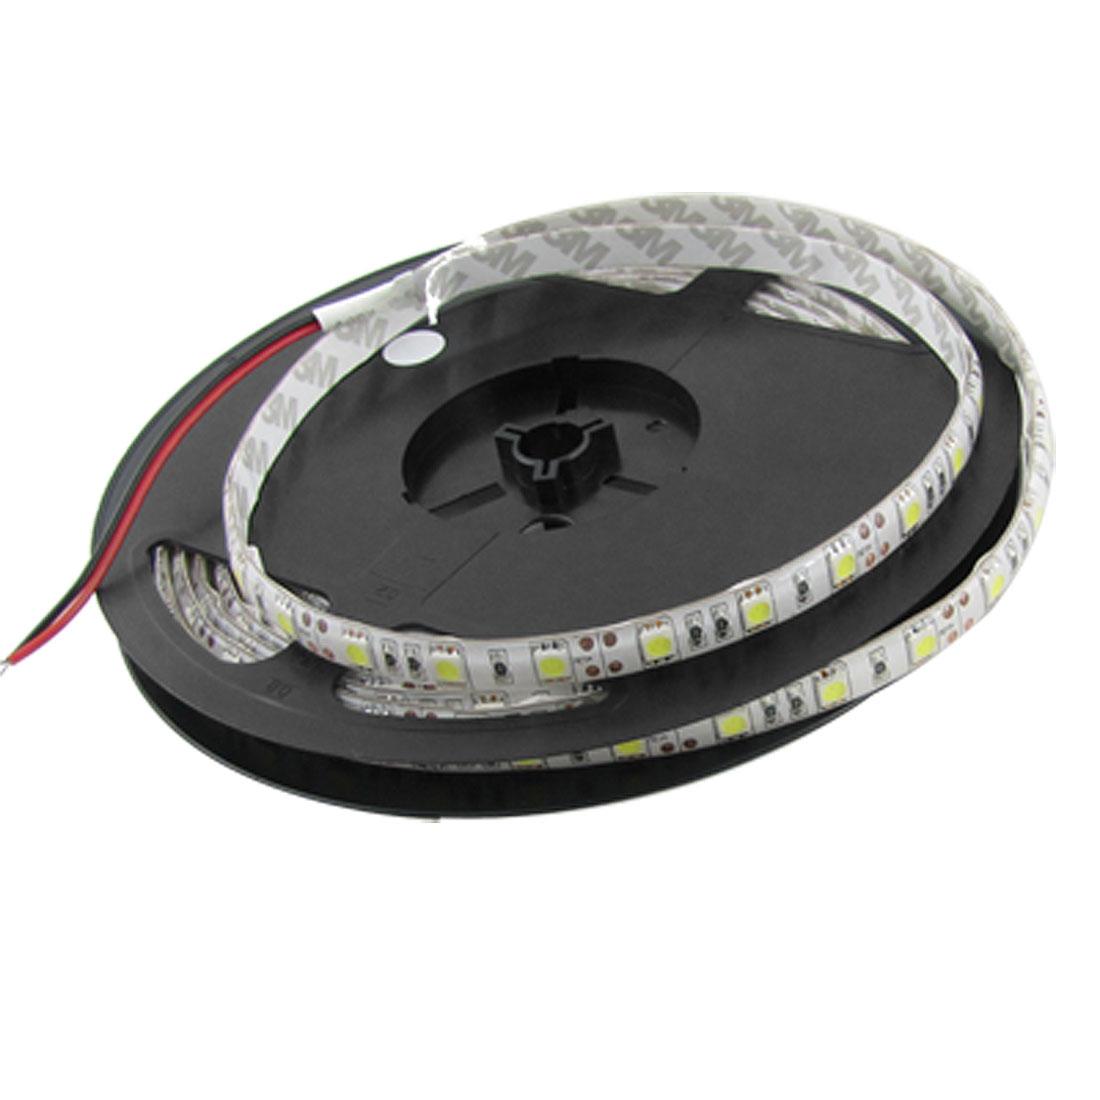 5m 500cm 5050 Cool White 300 LED SMD Flexible Strip Light Lamp Waterproof DC 12V